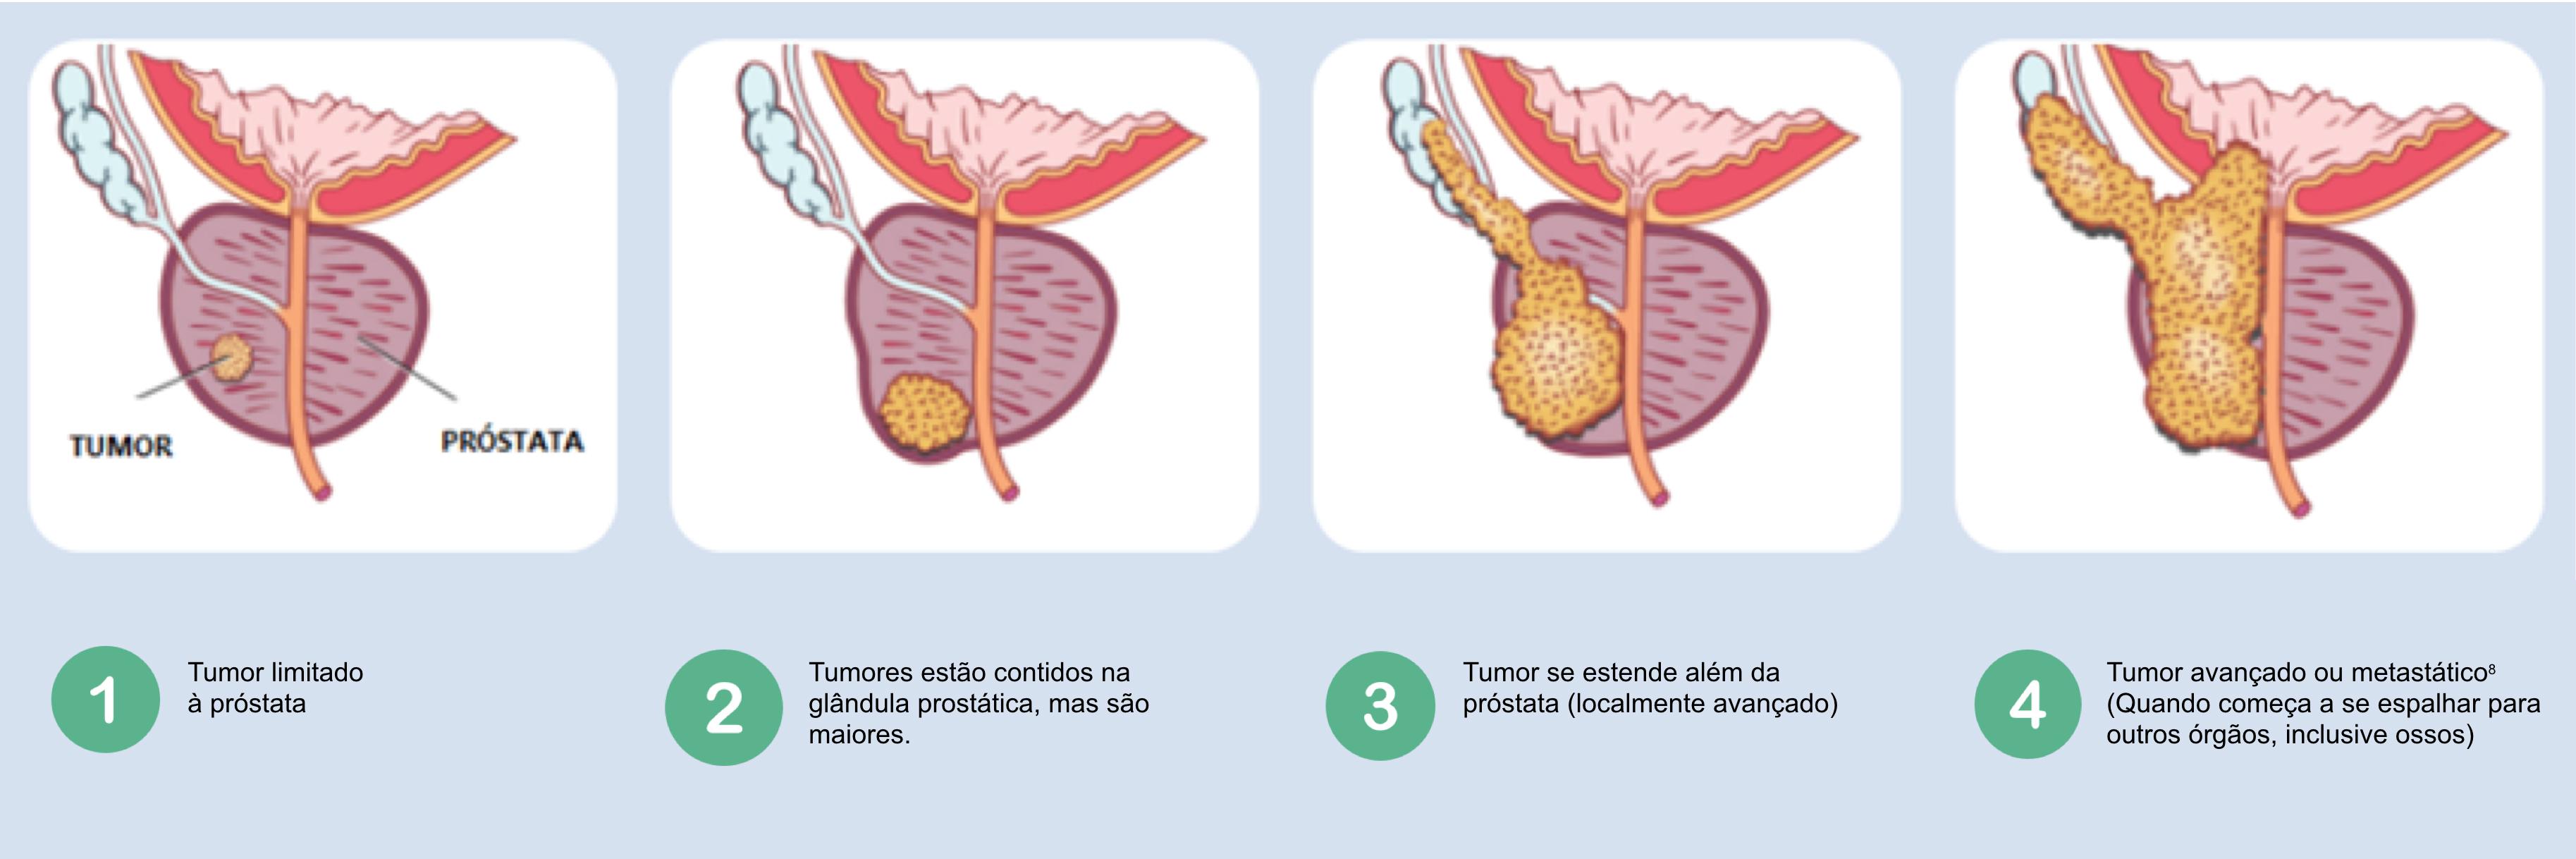 incidencia del cancer de prostata en colombia